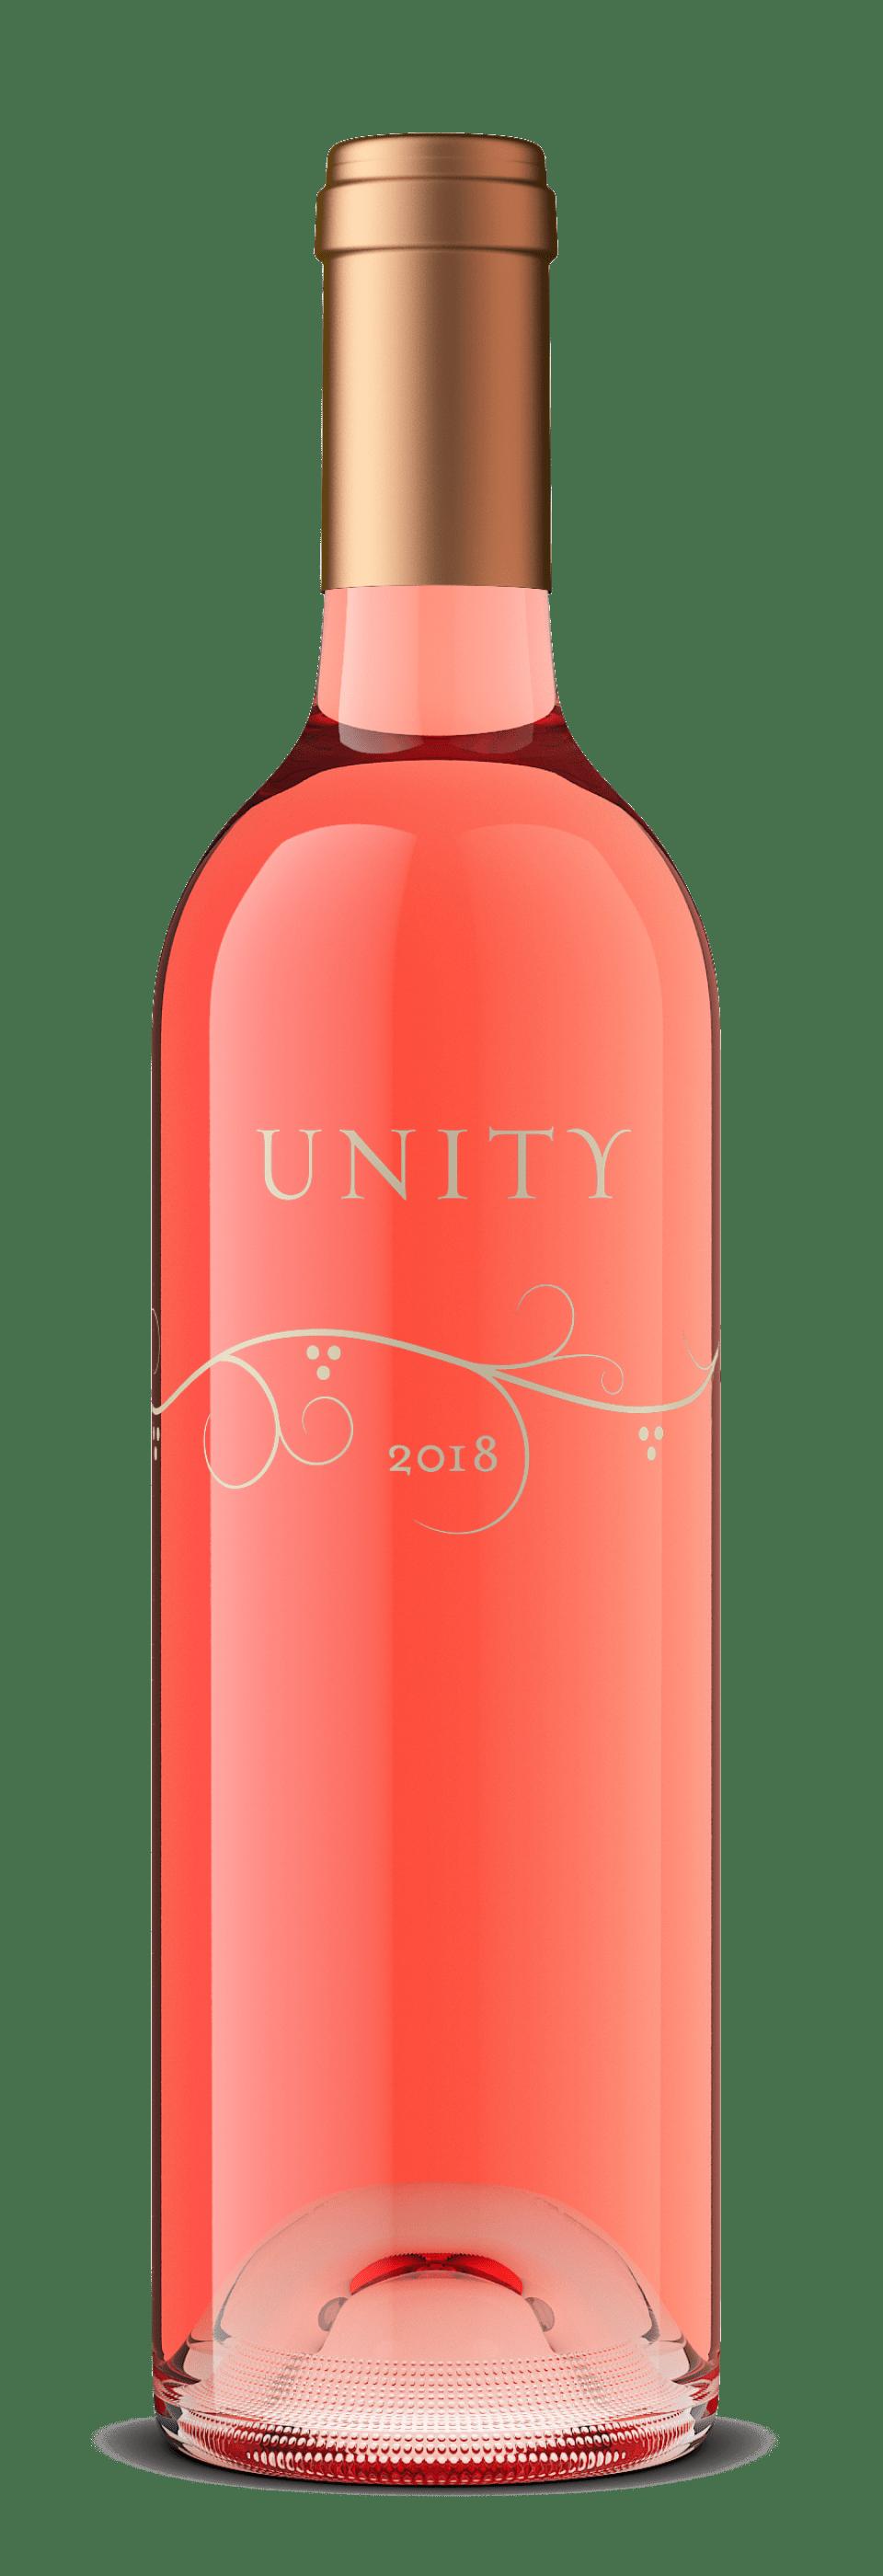 2019 UNITY